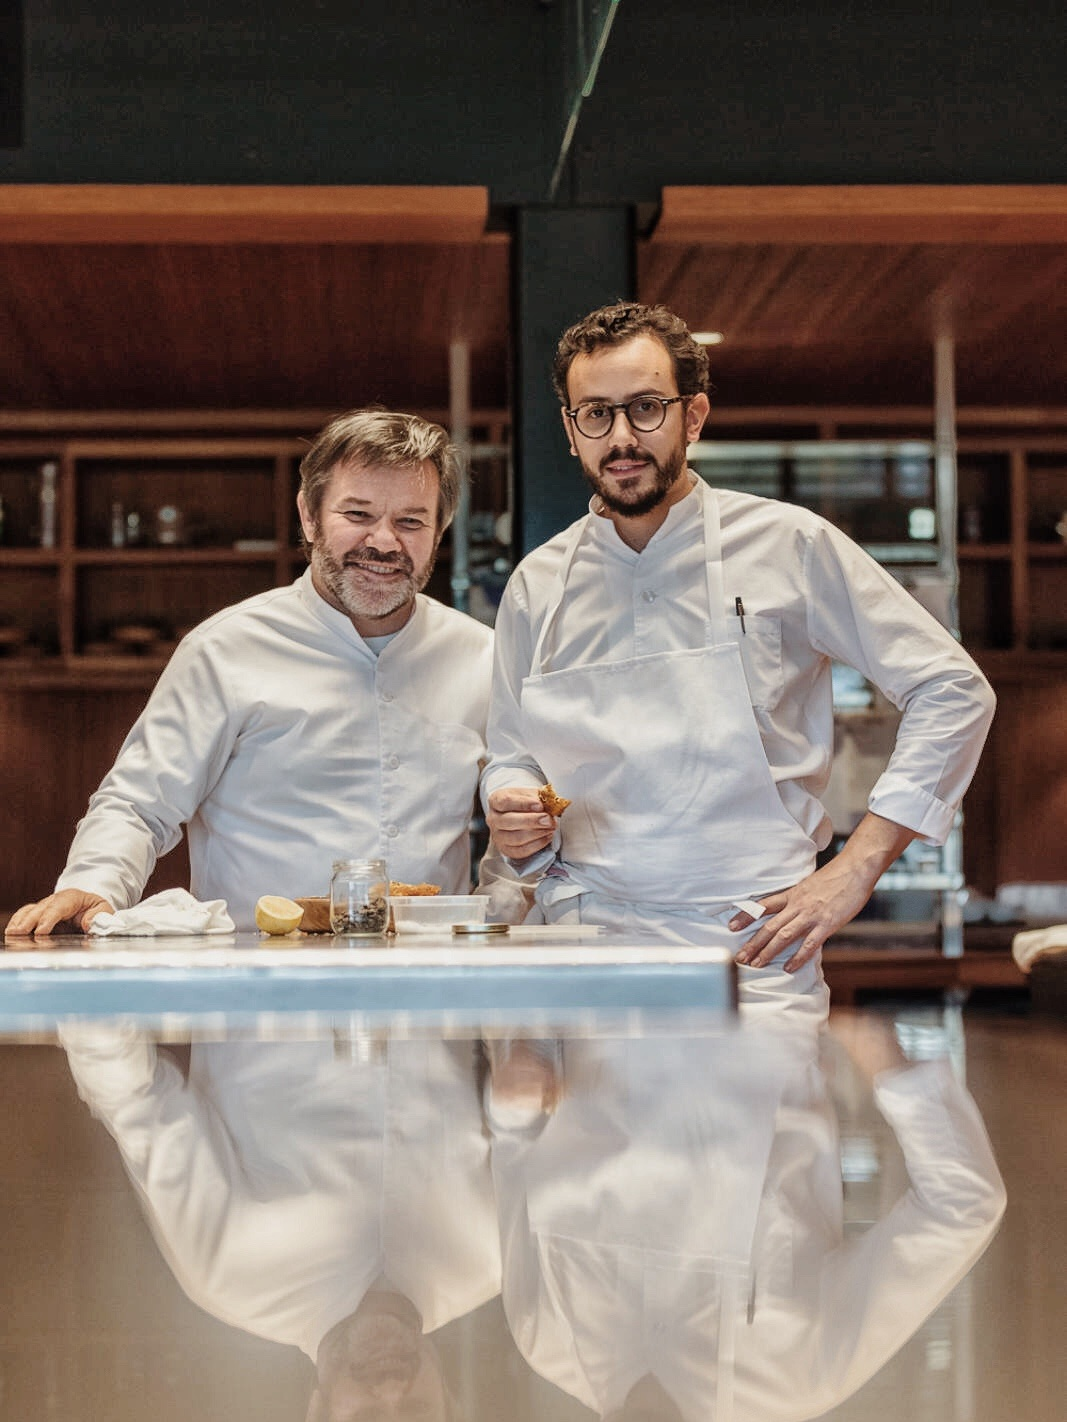 Cesar Troisgrois with his father chef Michel Troisgrois Image credit: Matthieu Cellard